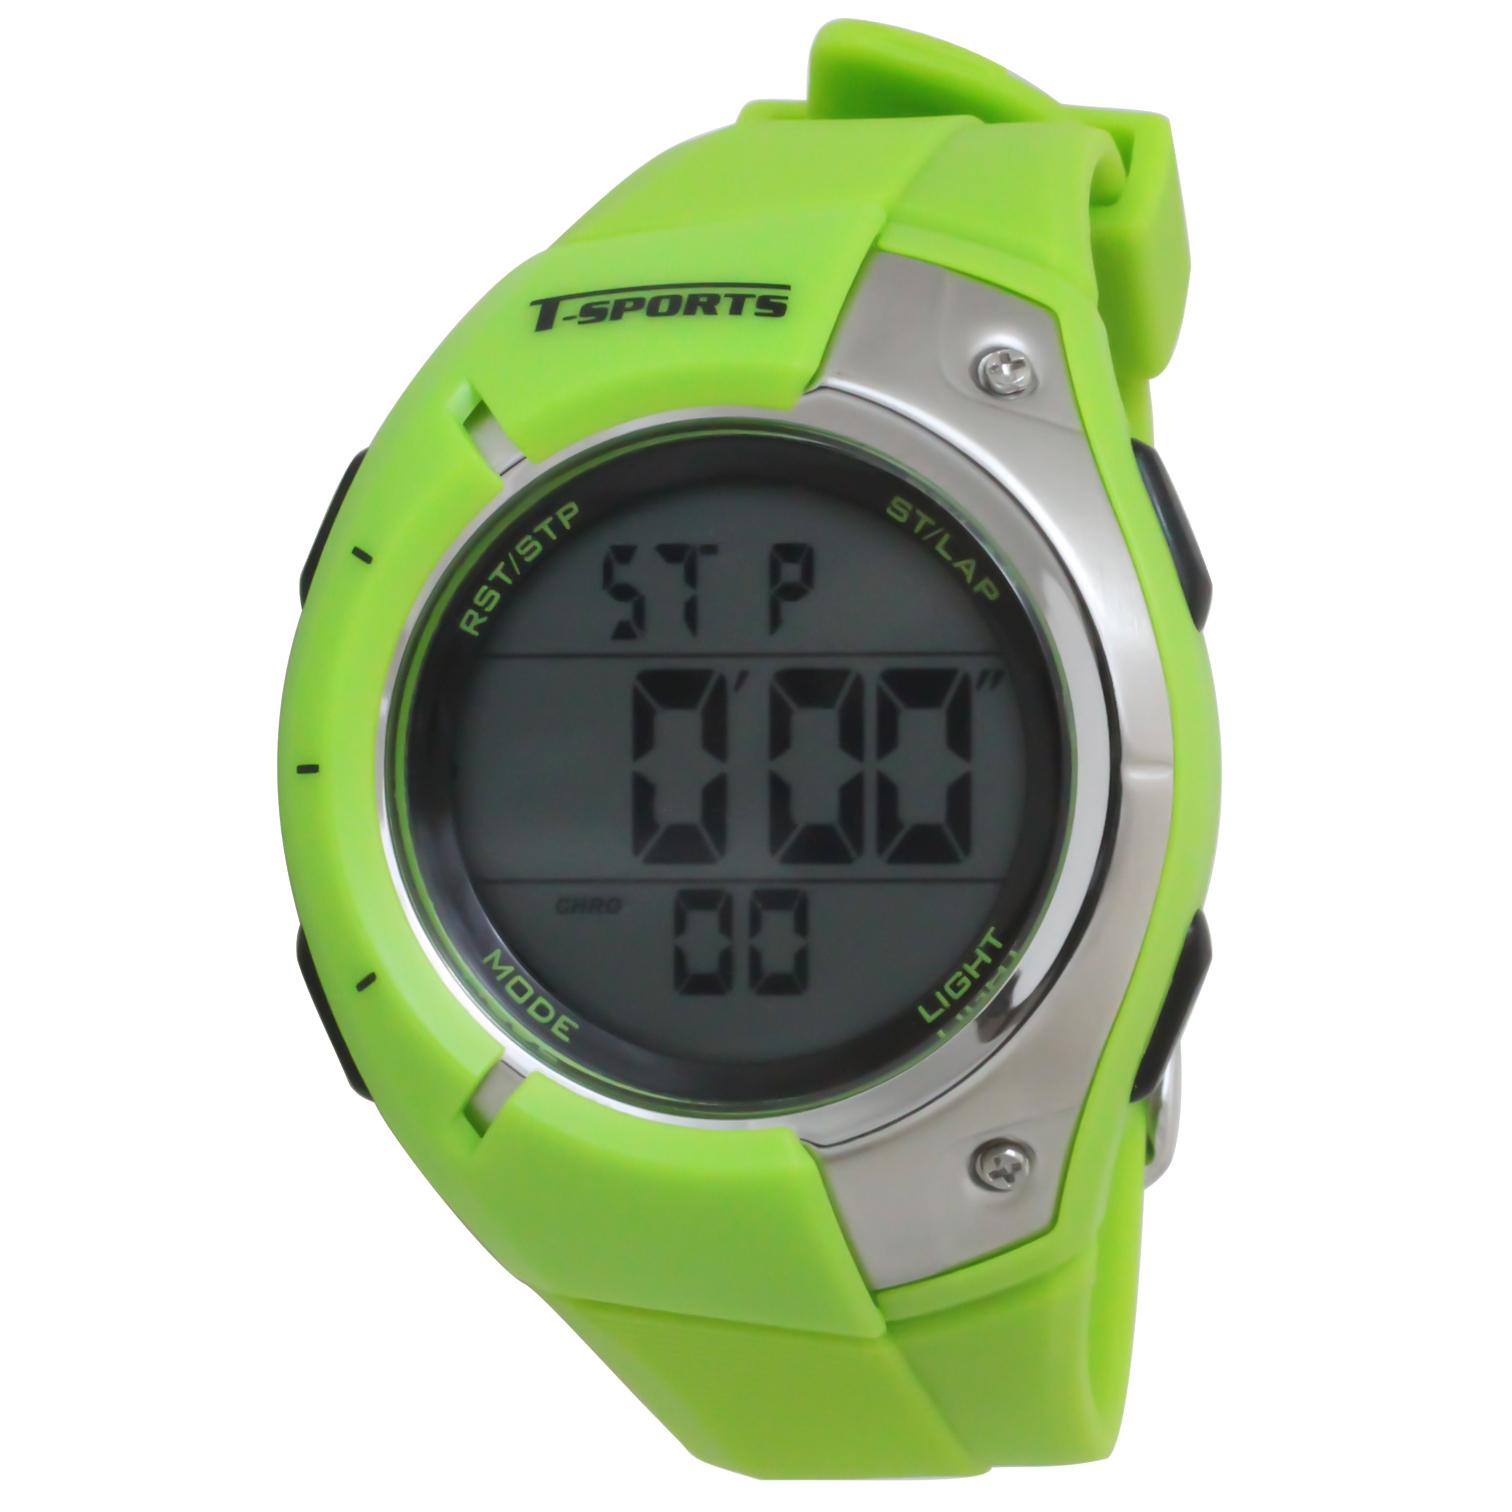 T-SPORTS ティースポーツ デジタルウオッチ 150ラップ 腕時計【TS-D033】